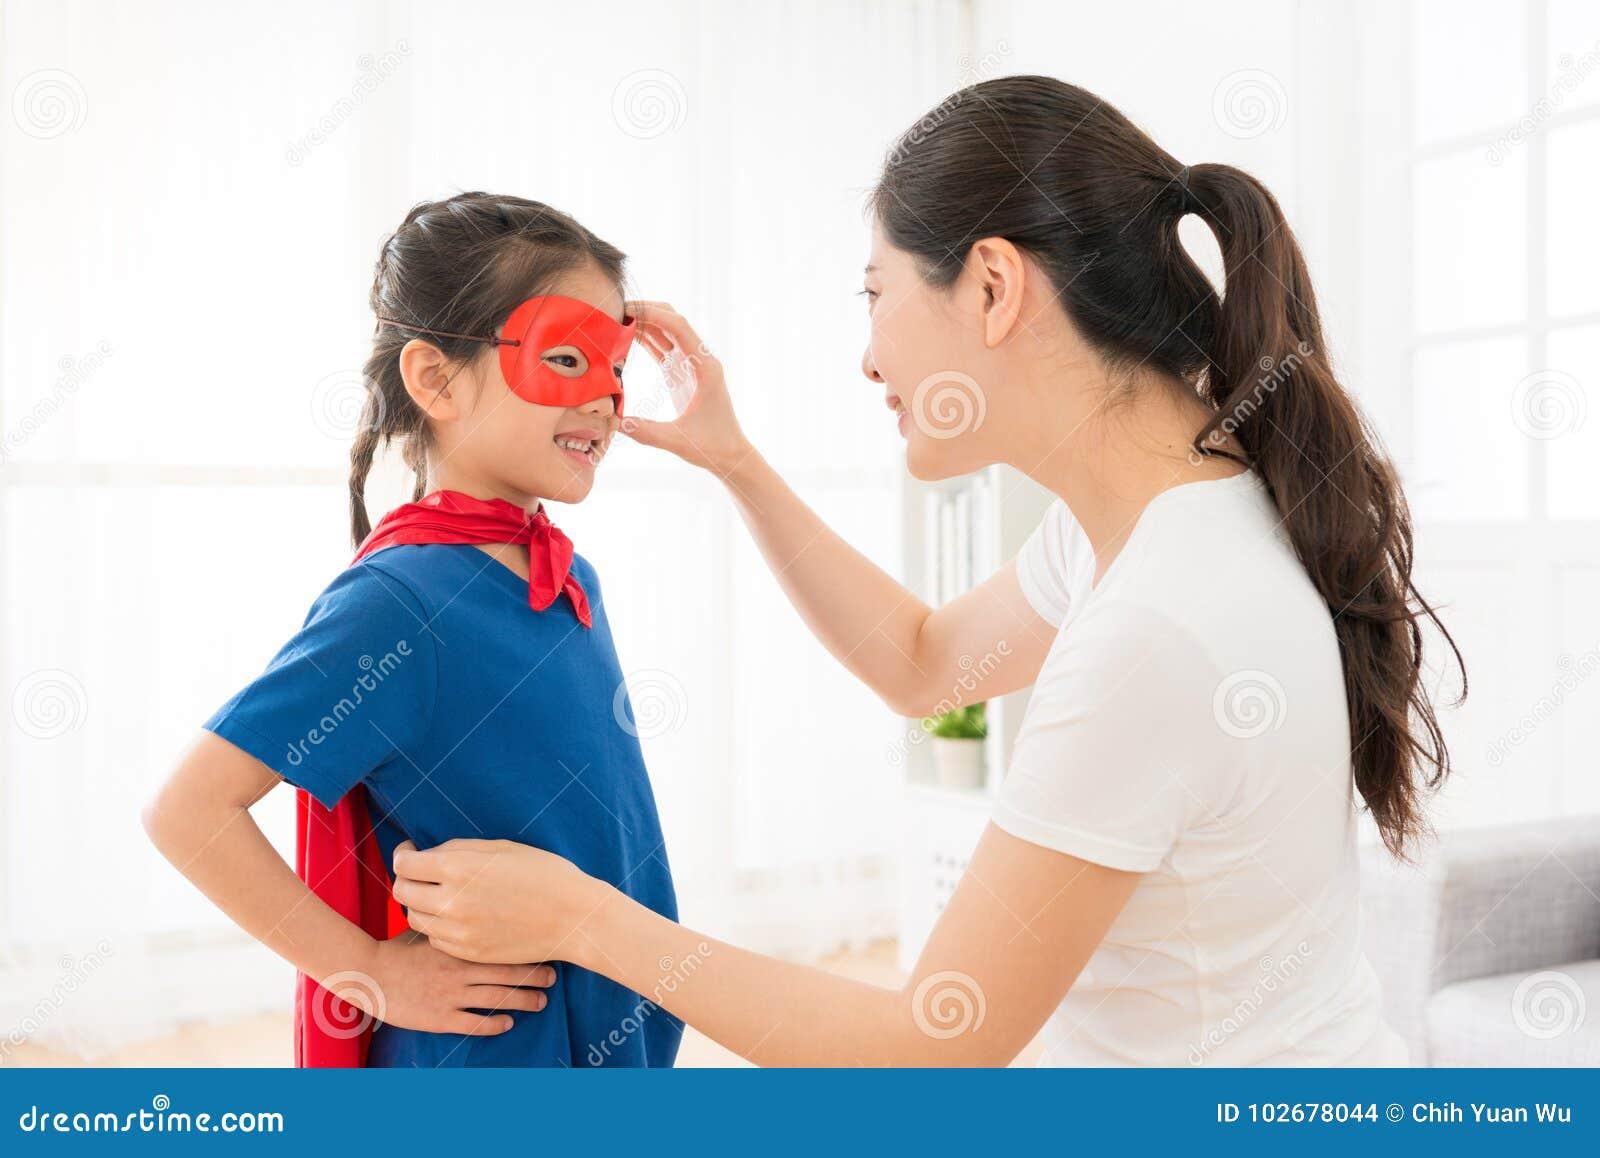 Söt flickaunge som bär röd kappalek som superhero